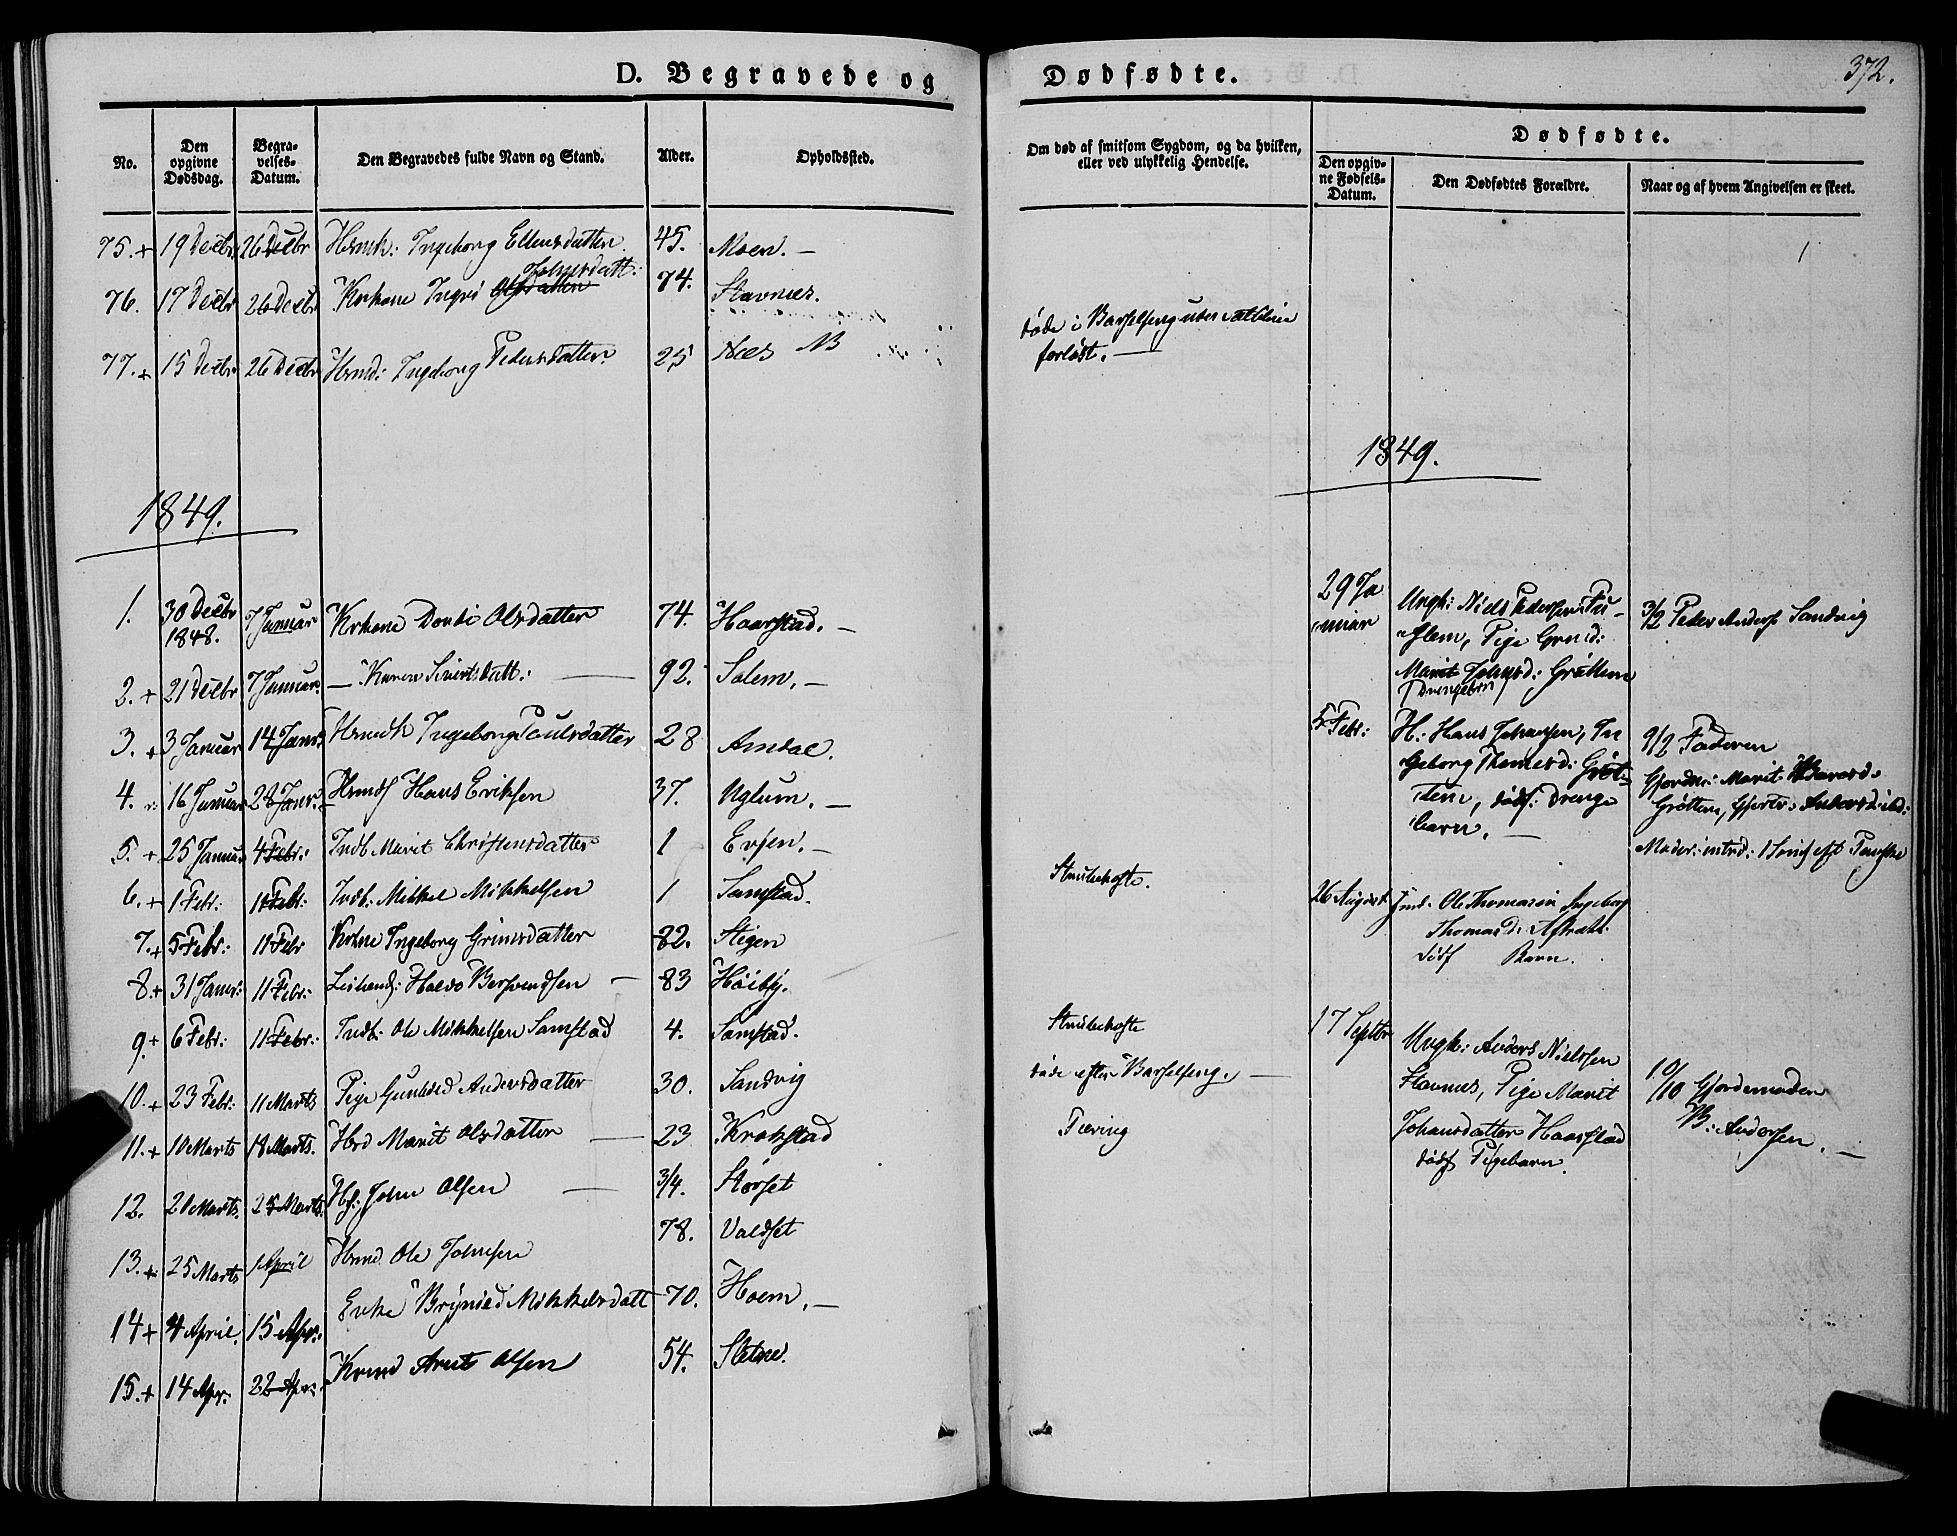 SAT, Ministerialprotokoller, klokkerbøker og fødselsregistre - Sør-Trøndelag, 695/L1145: Ministerialbok nr. 695A06 /1, 1843-1859, s. 372